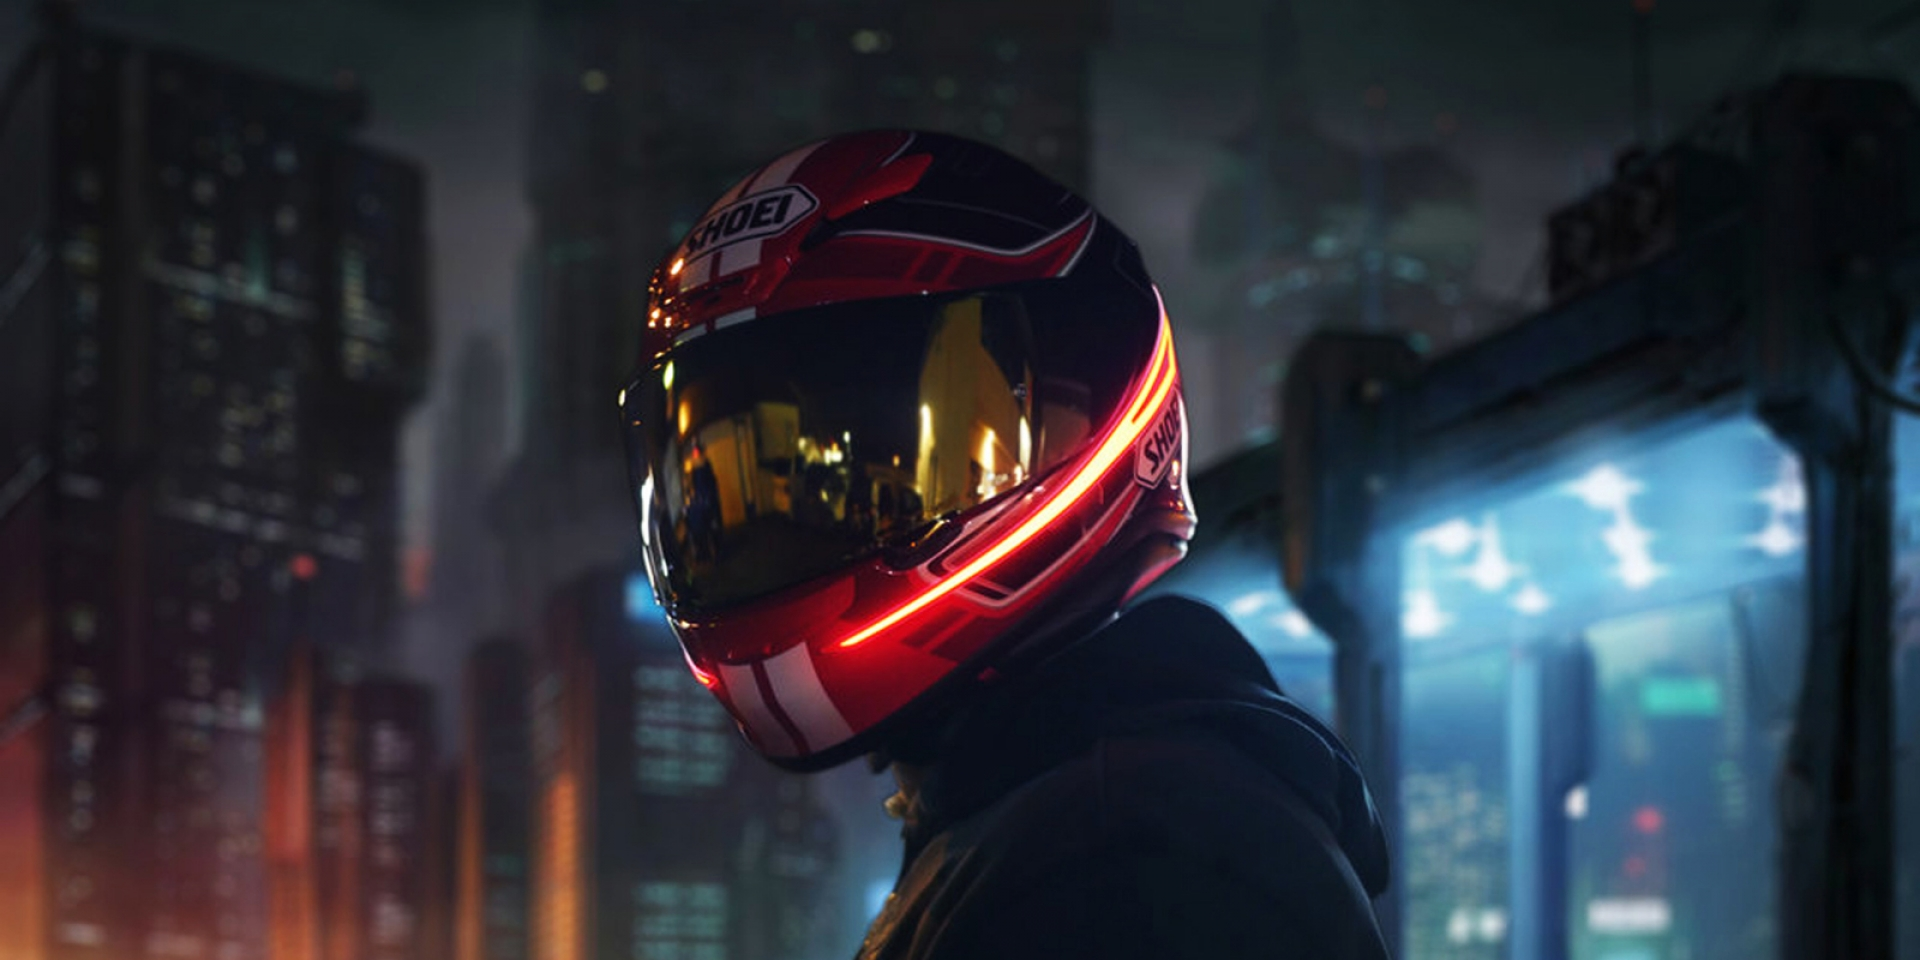 當電影走入生活,當科幻走入現實。Lightmode安全帽燈條套件販售中